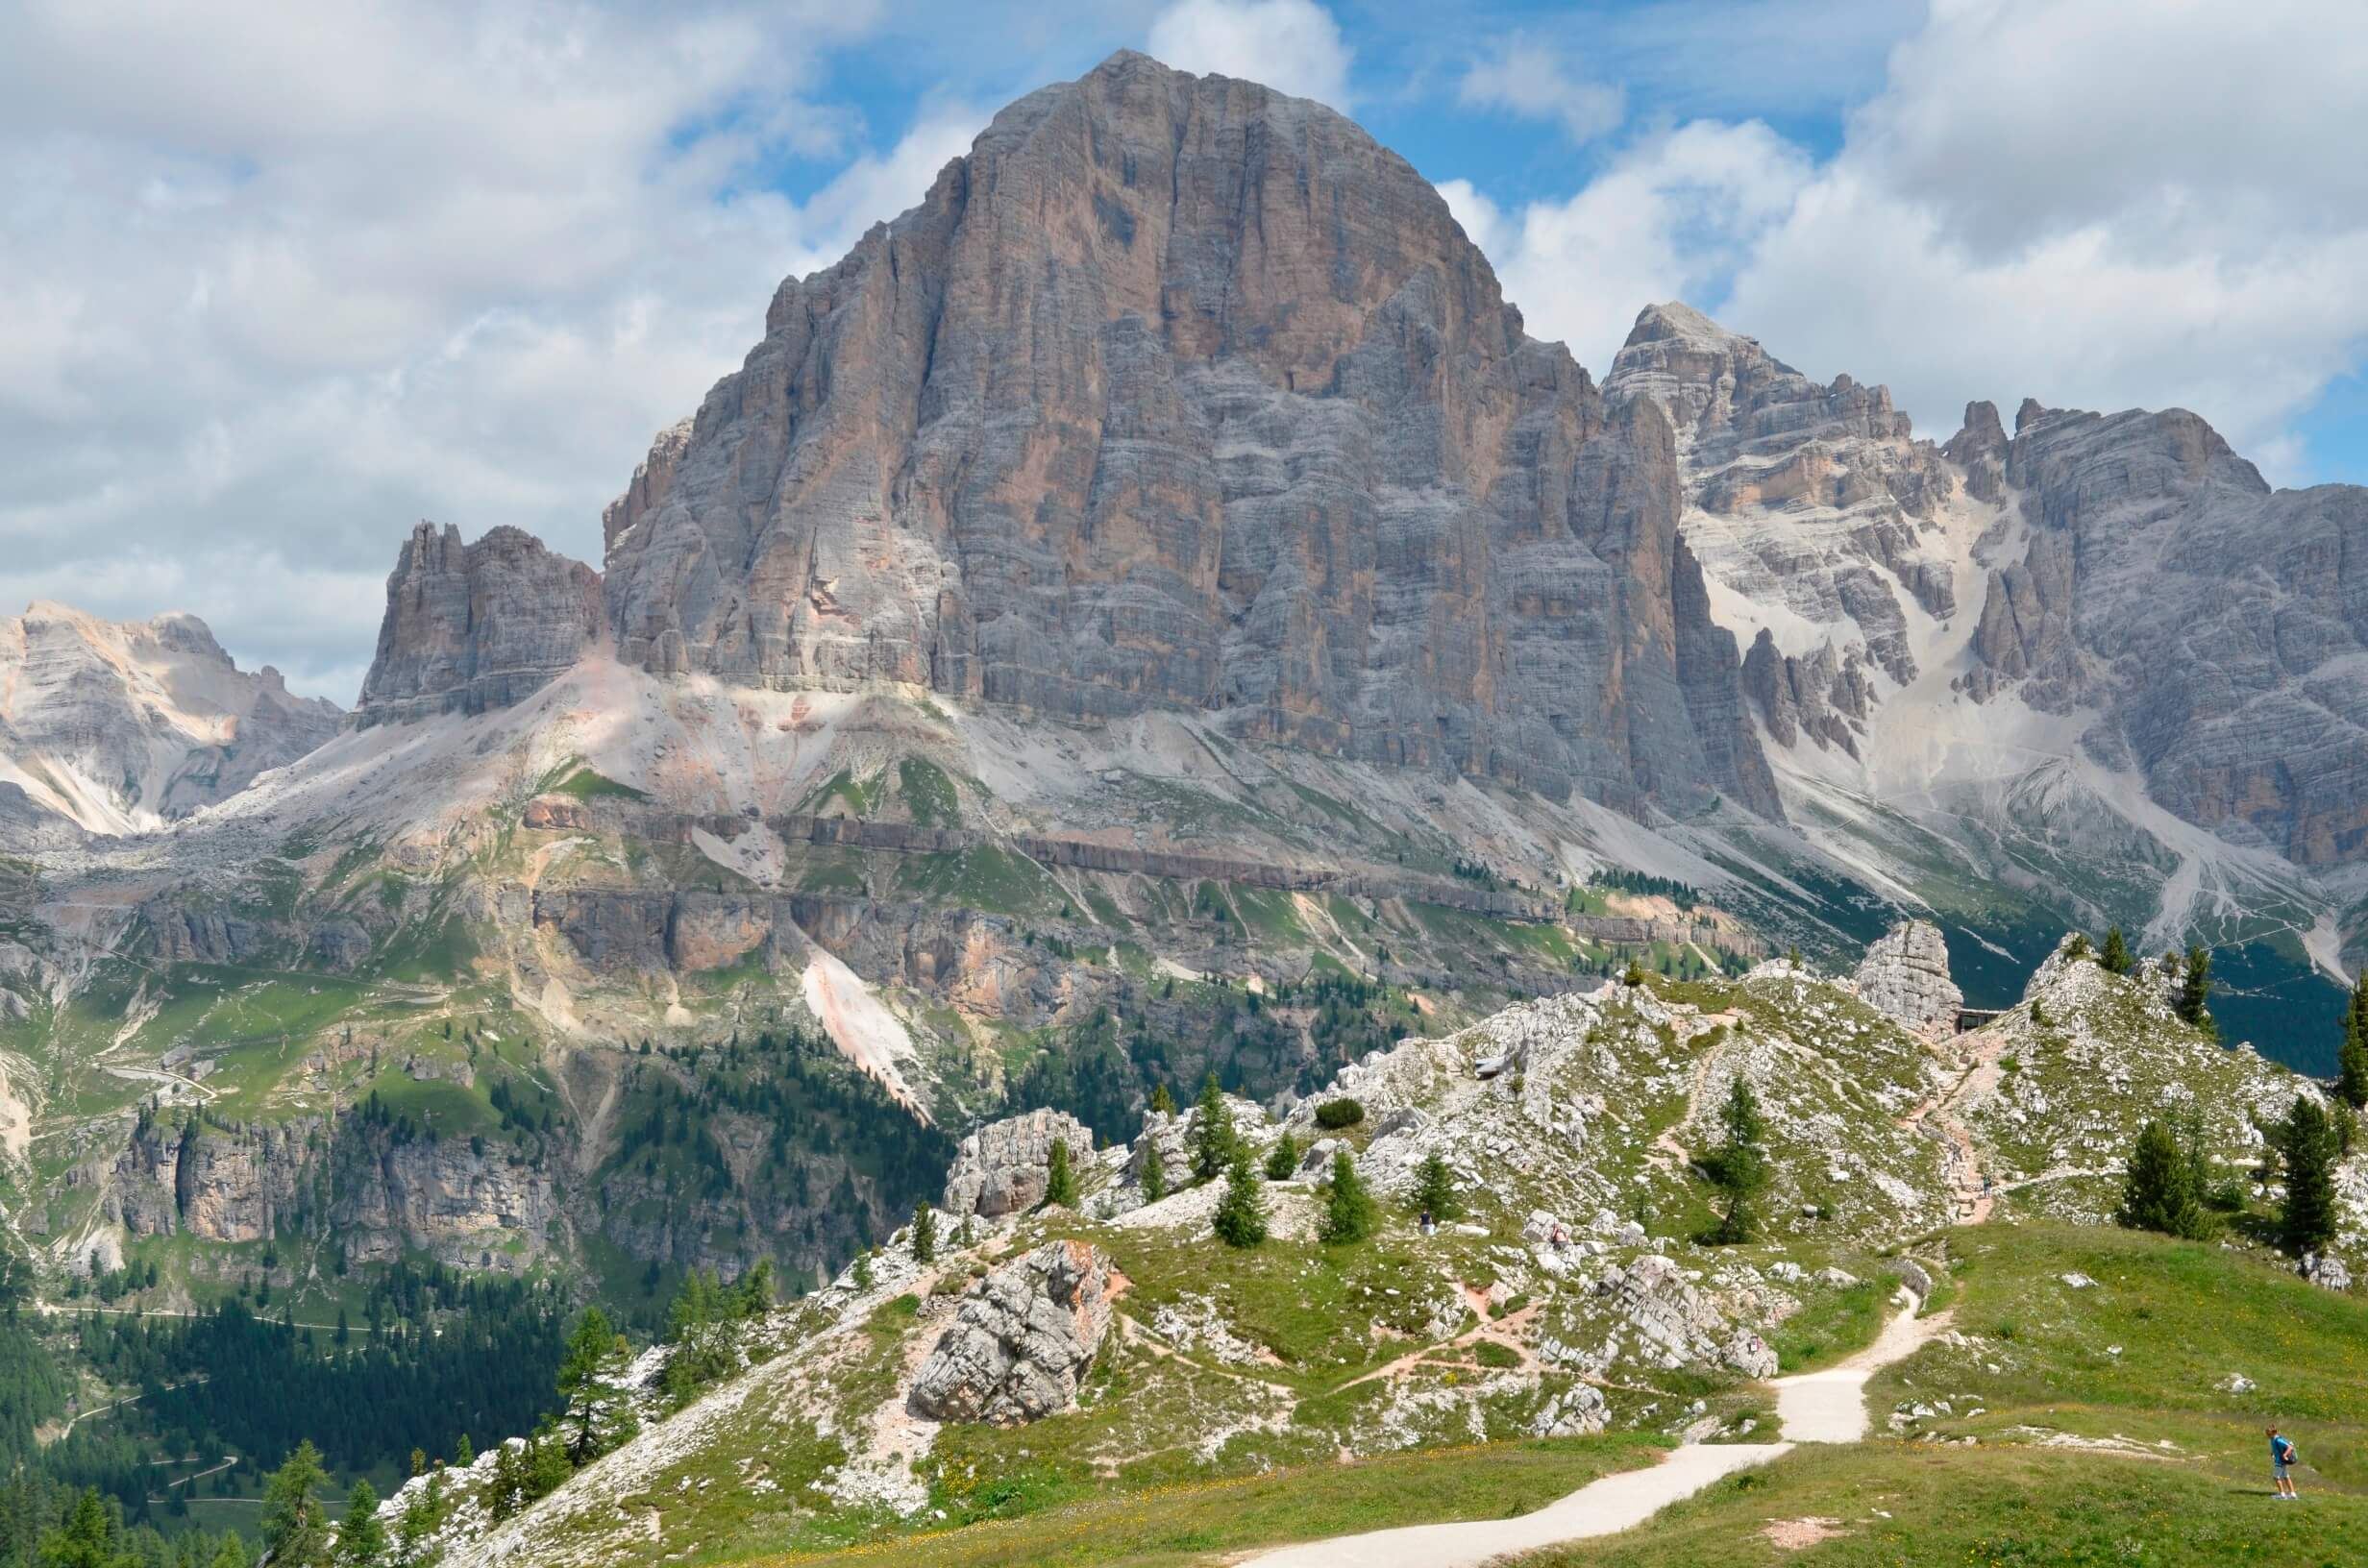 Unterwegs auf dem Dolomiten-Höhenweg Nr. 1 (Alta Via delle Dolomiti n. 1)